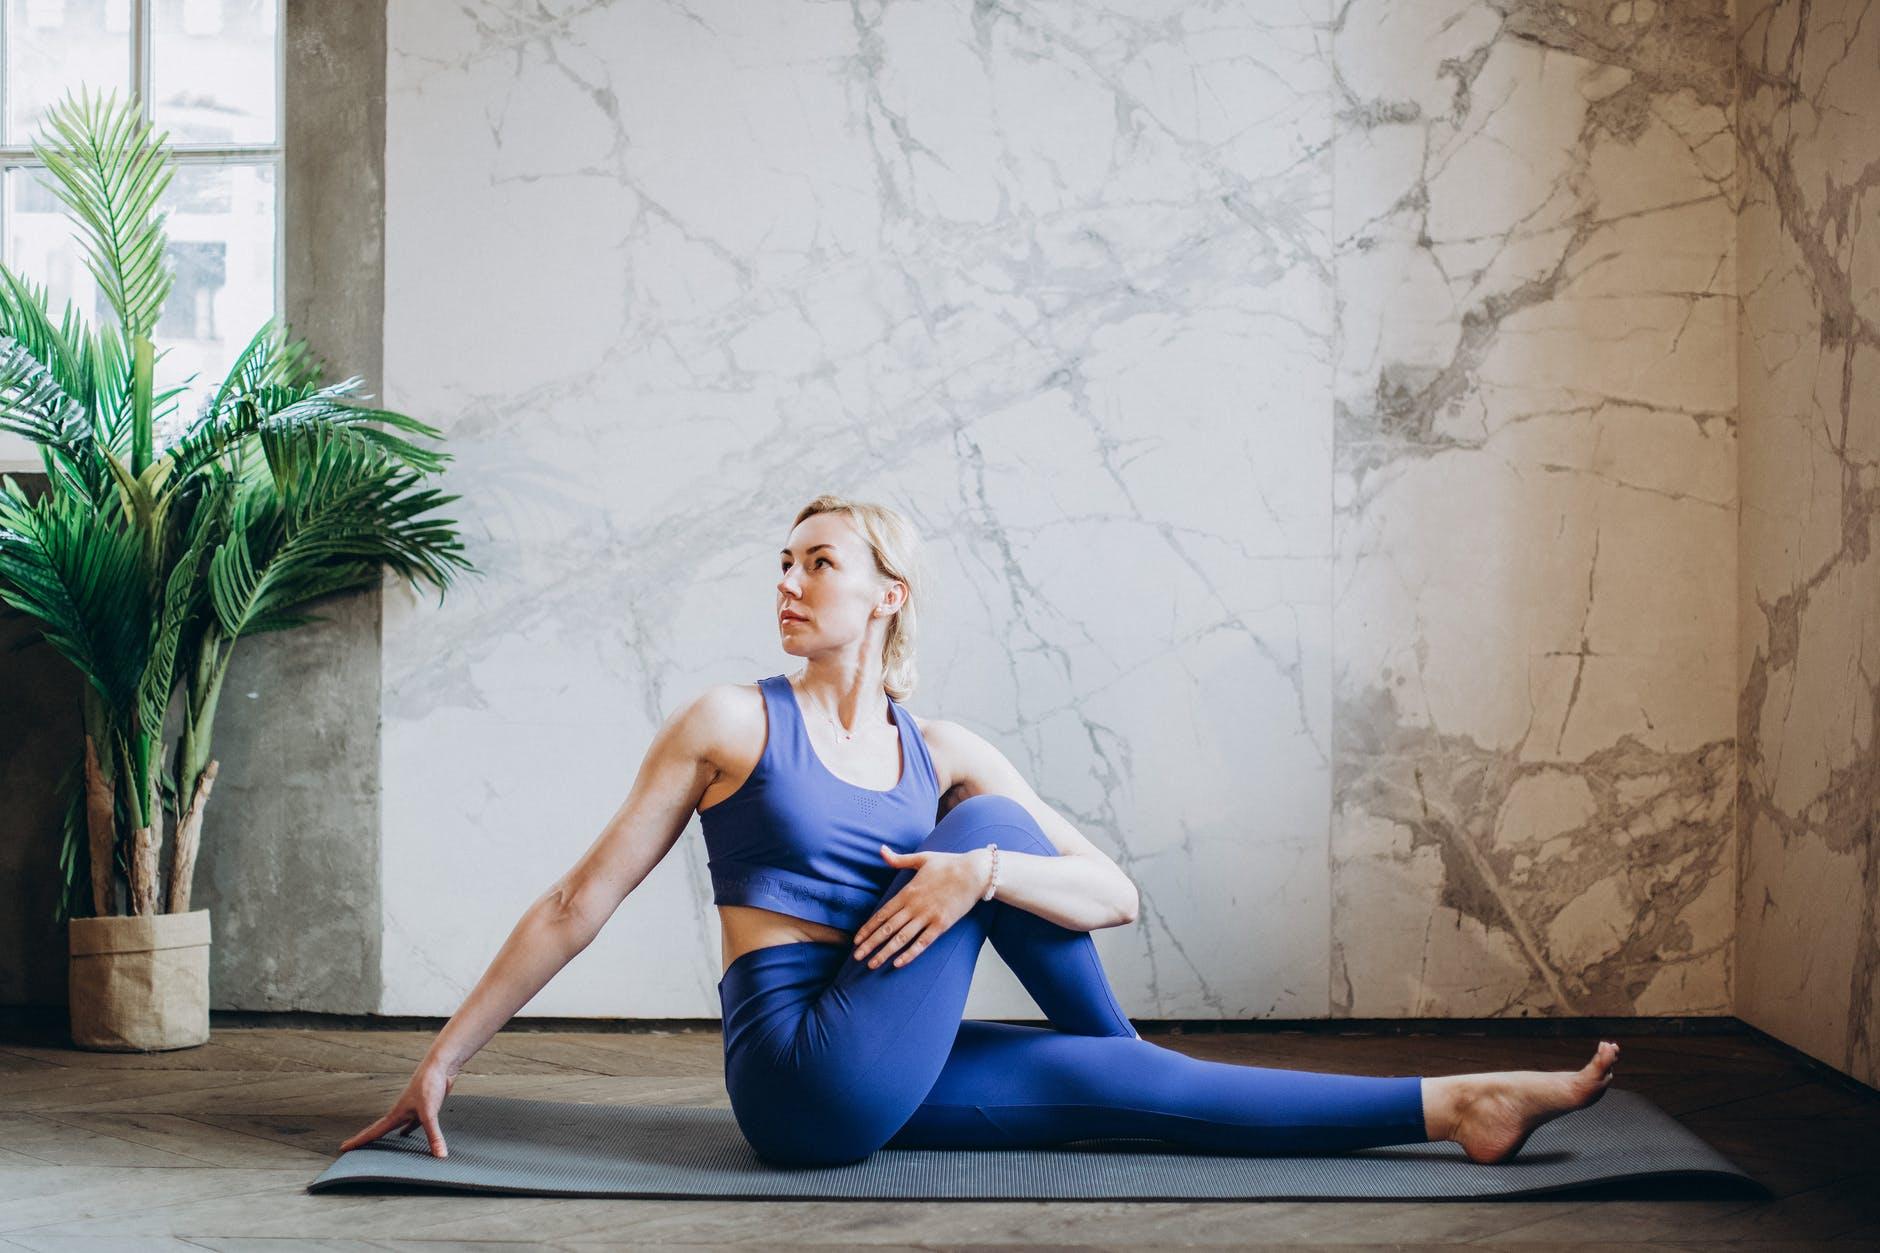 Почему я отказалась от пути просветления или в чём опасность йоги?